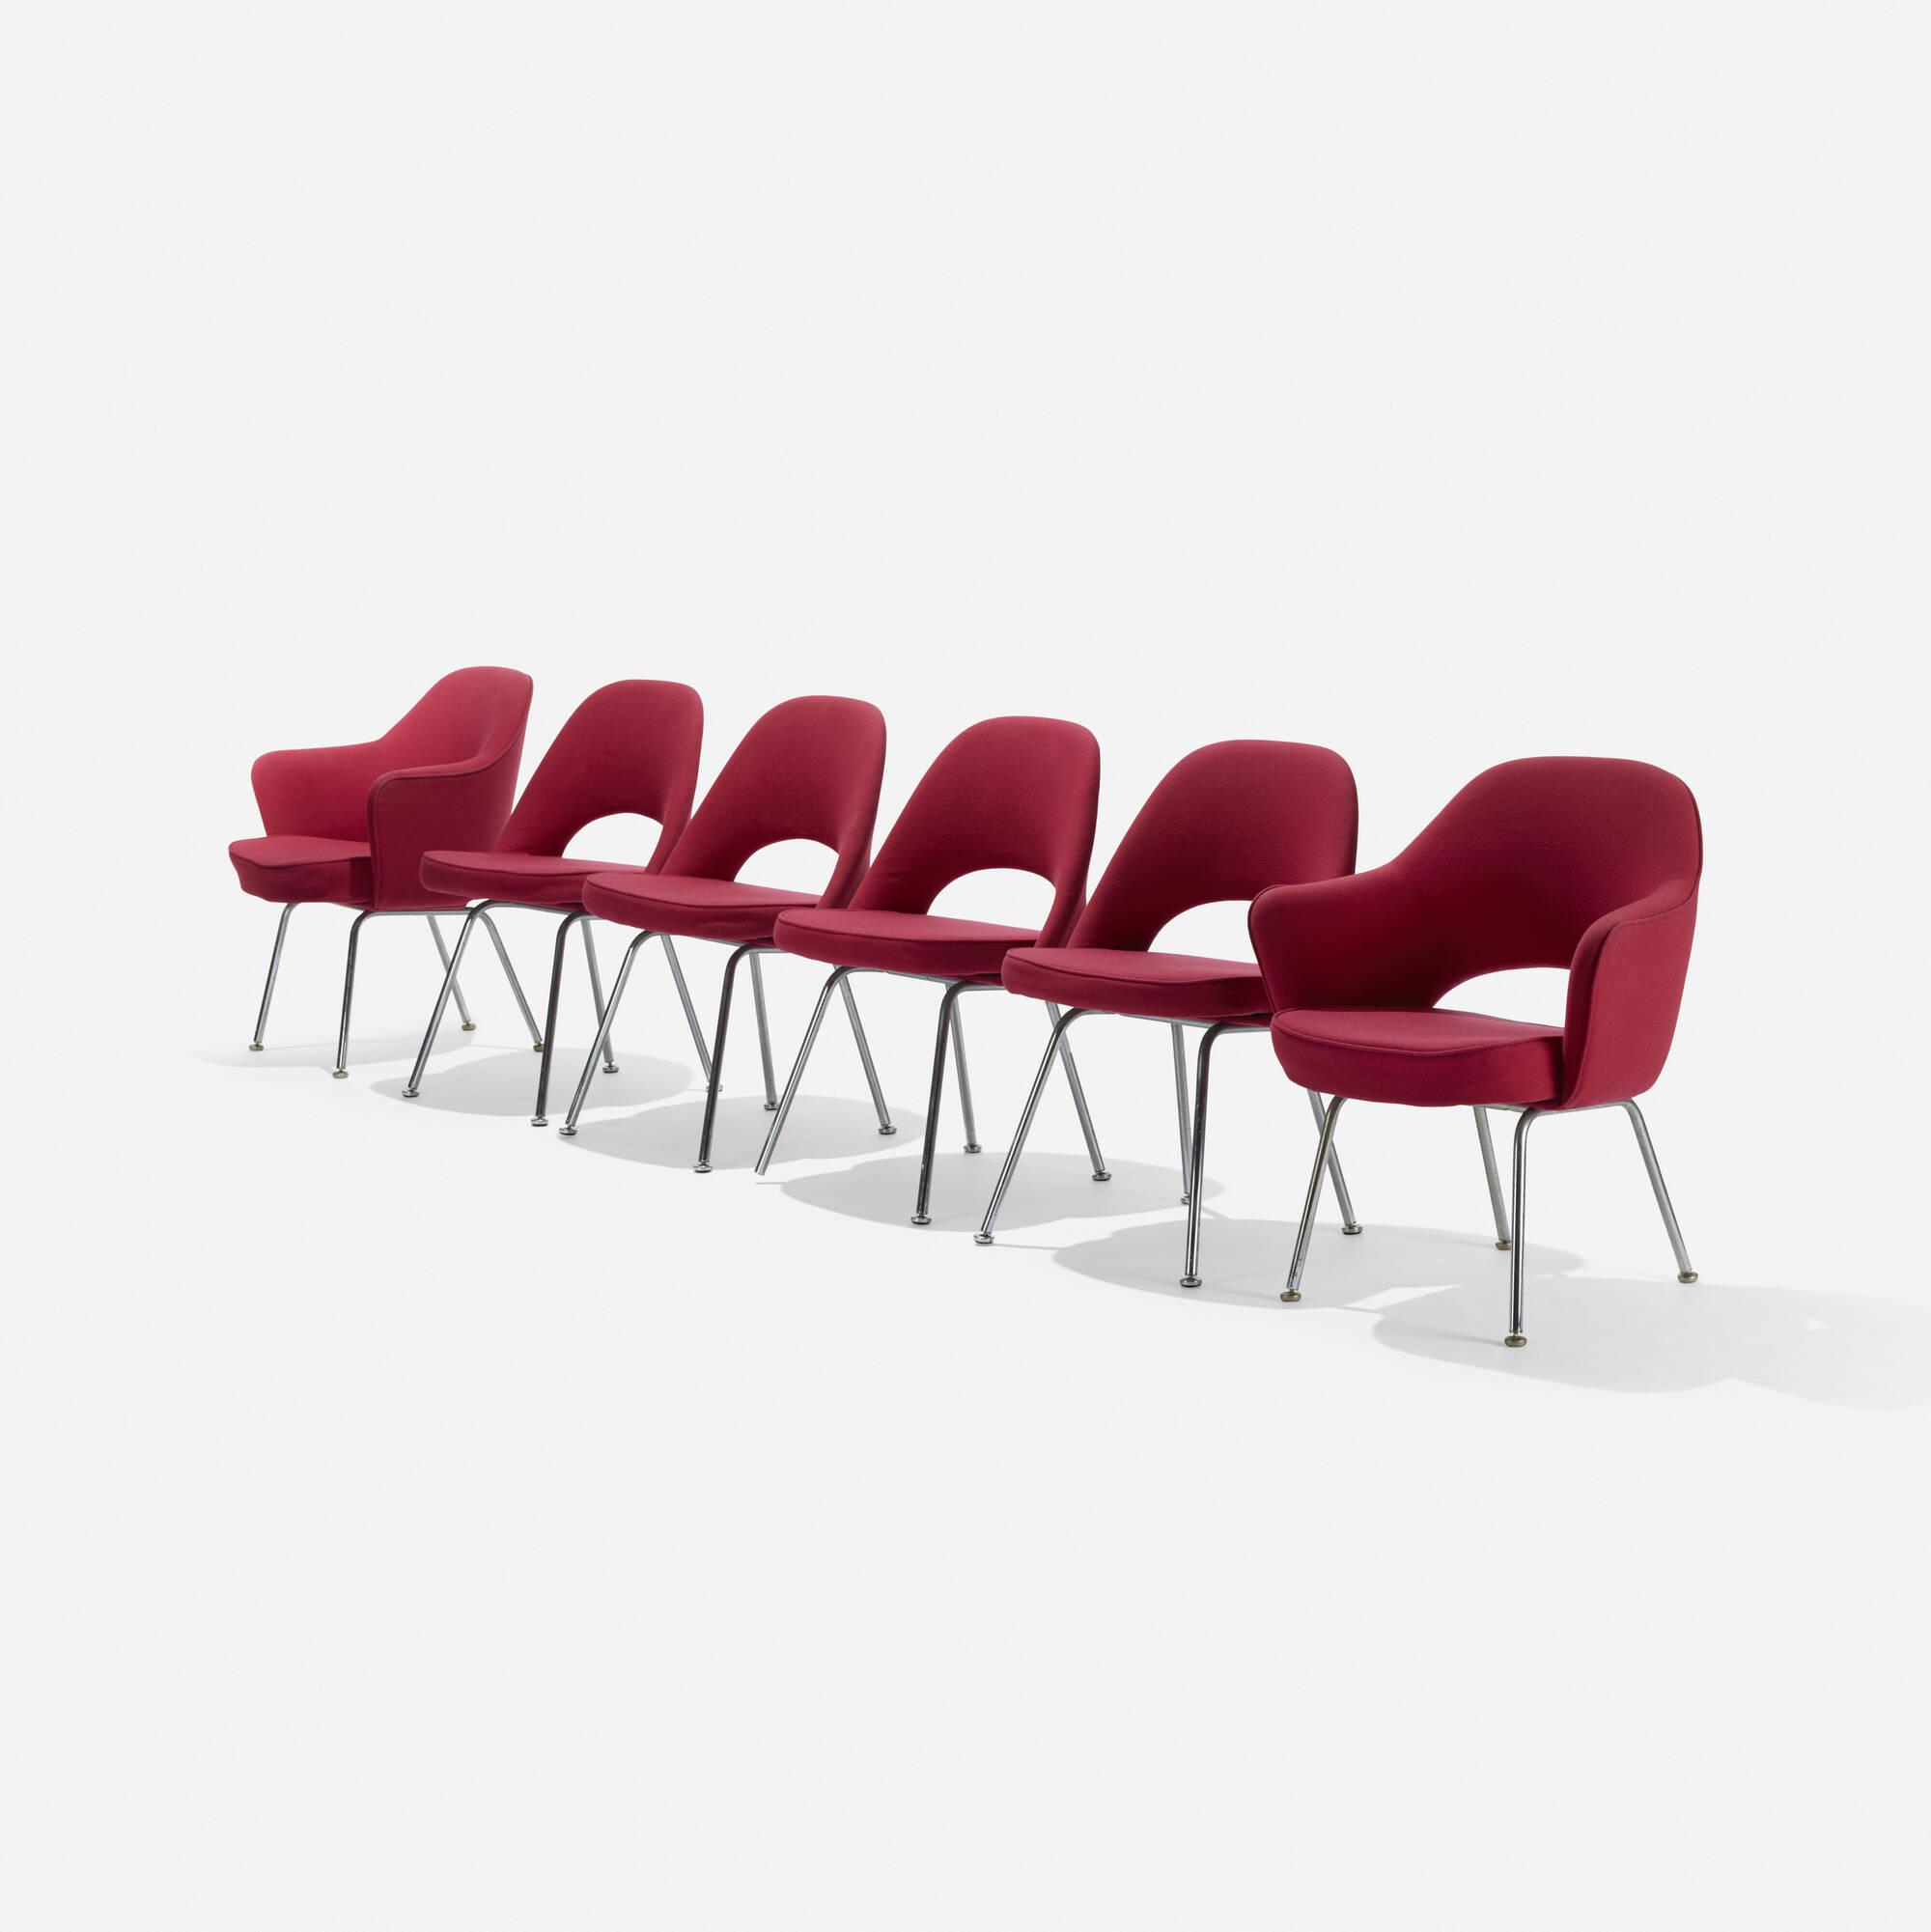 219: Eero Saarinen / dining chairs, set of six (1 of 3)